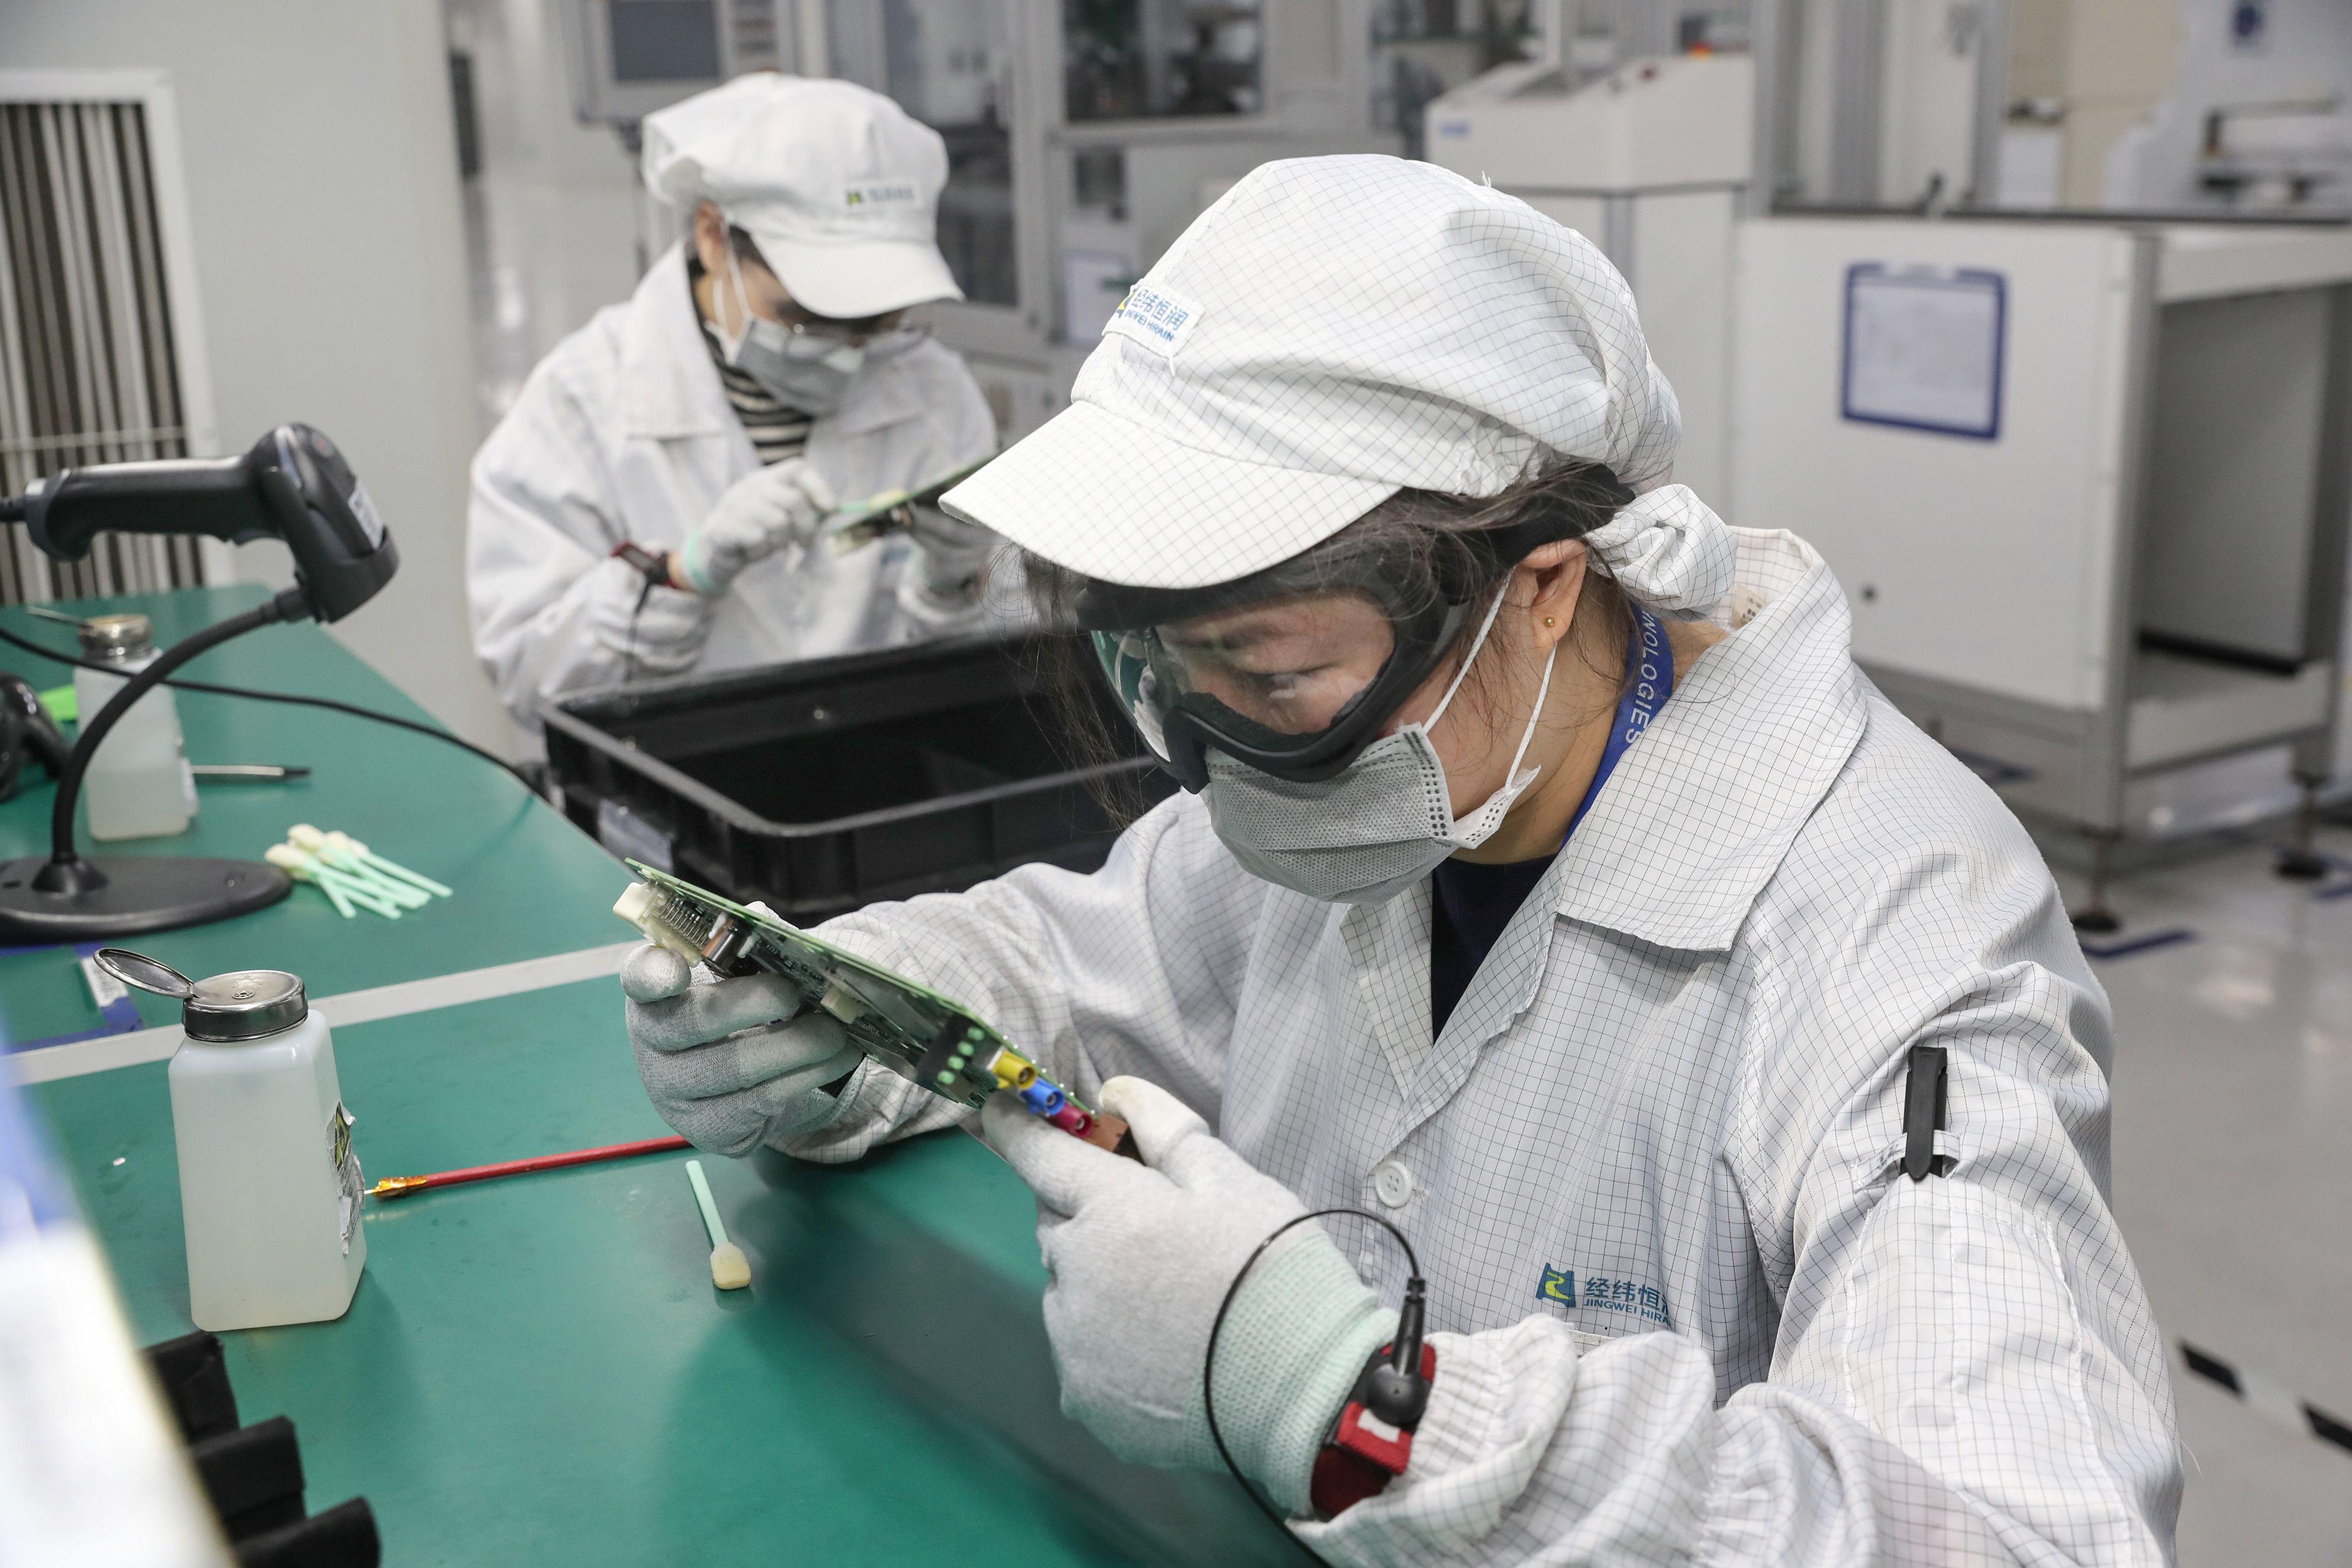 斷鏈衝擊更勝關稅 中國恐掀中小企業倒閉潮